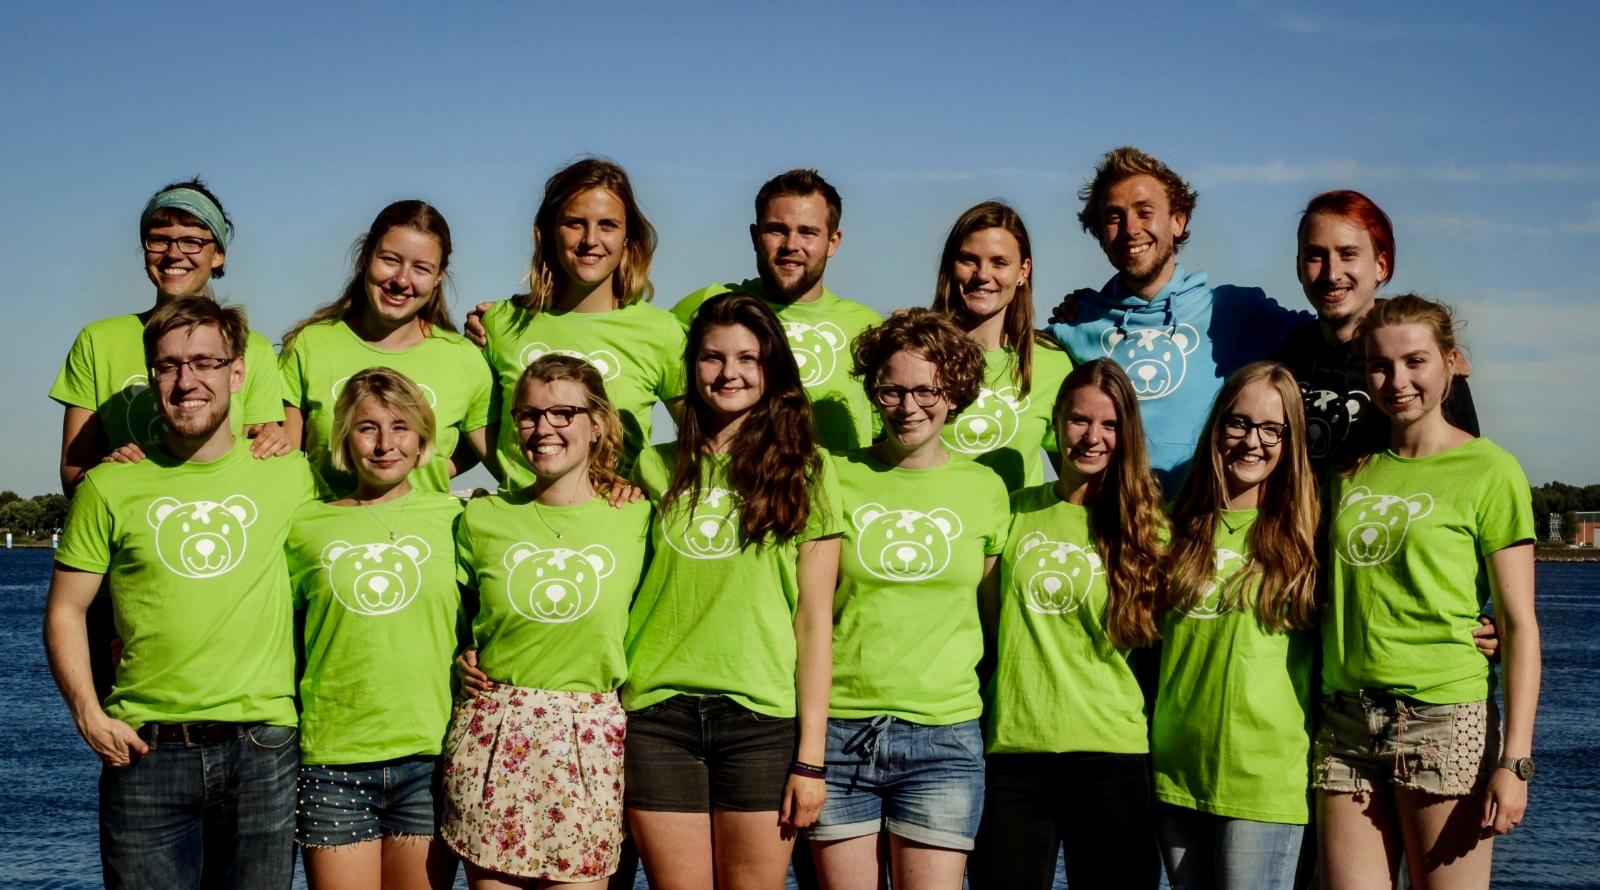 Die Mitglieder des TBK Orga Teams Kiel posieren vor der Kieler Förde auf einem Gruppenfoto